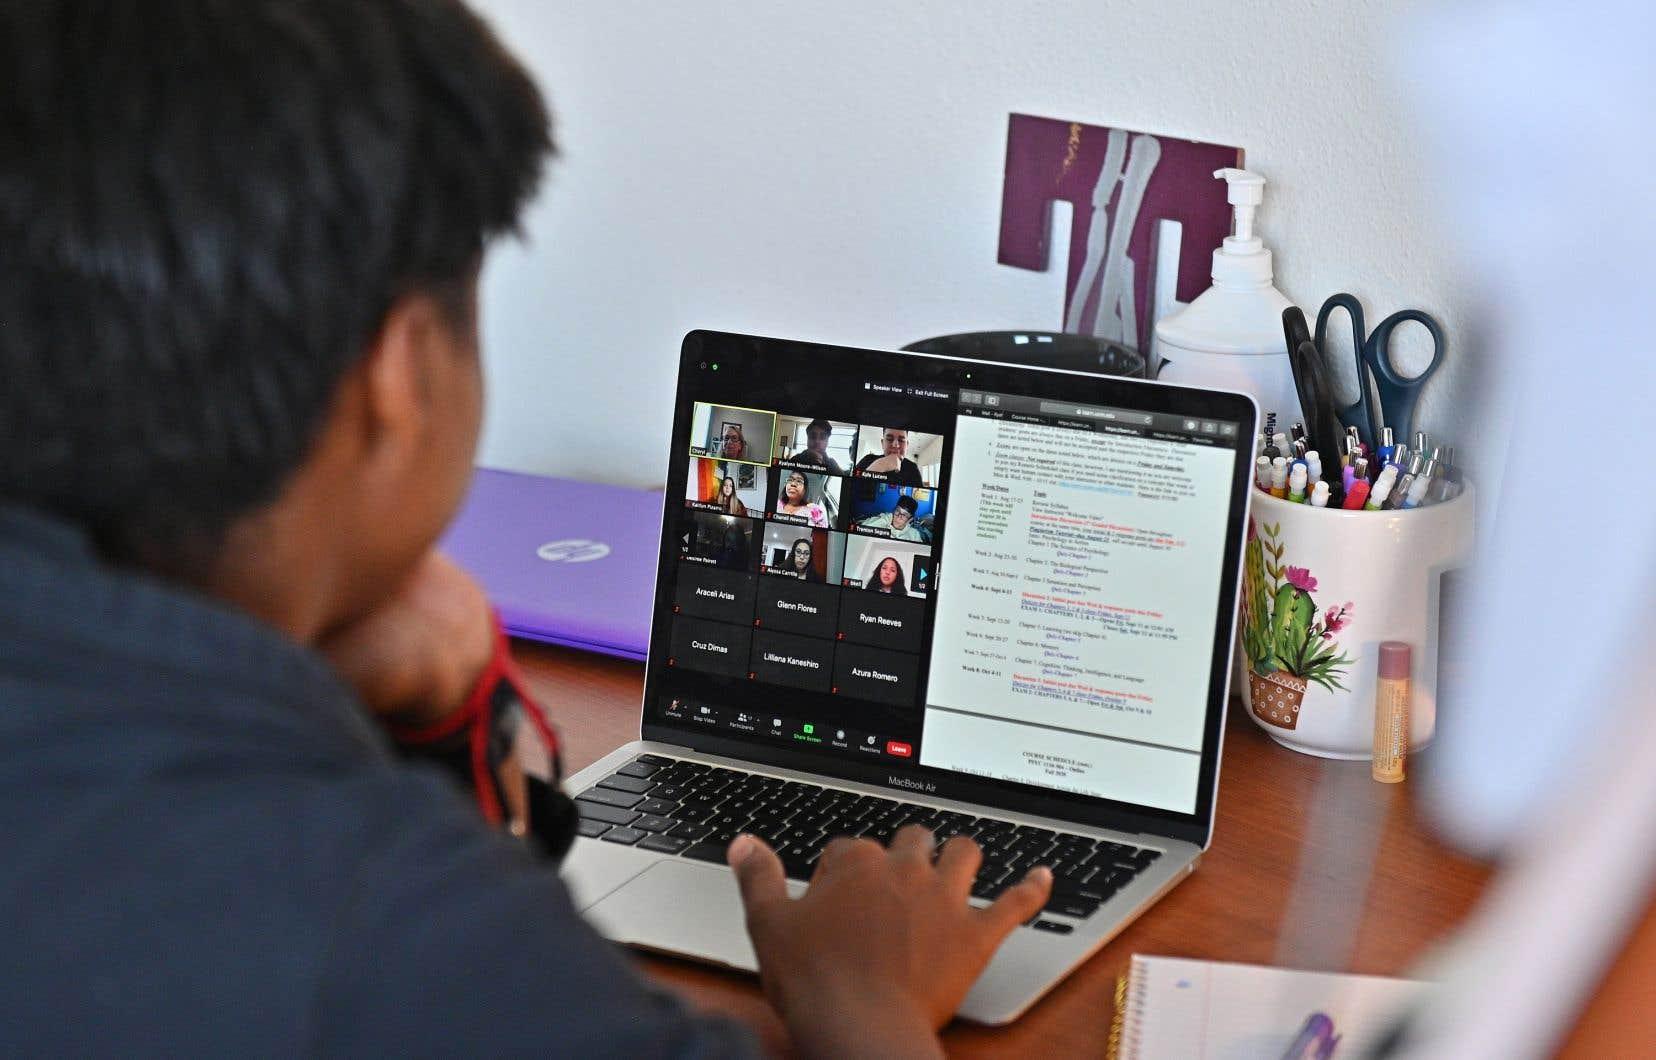 La francisation pouvait auparavant inclure des visites guidées de bibliothèques, de centres commerciaux ou de festivals, mais la découverte du Québec rime maintenant souvent avec des travaux de groupe ou des recherches sur Internet.